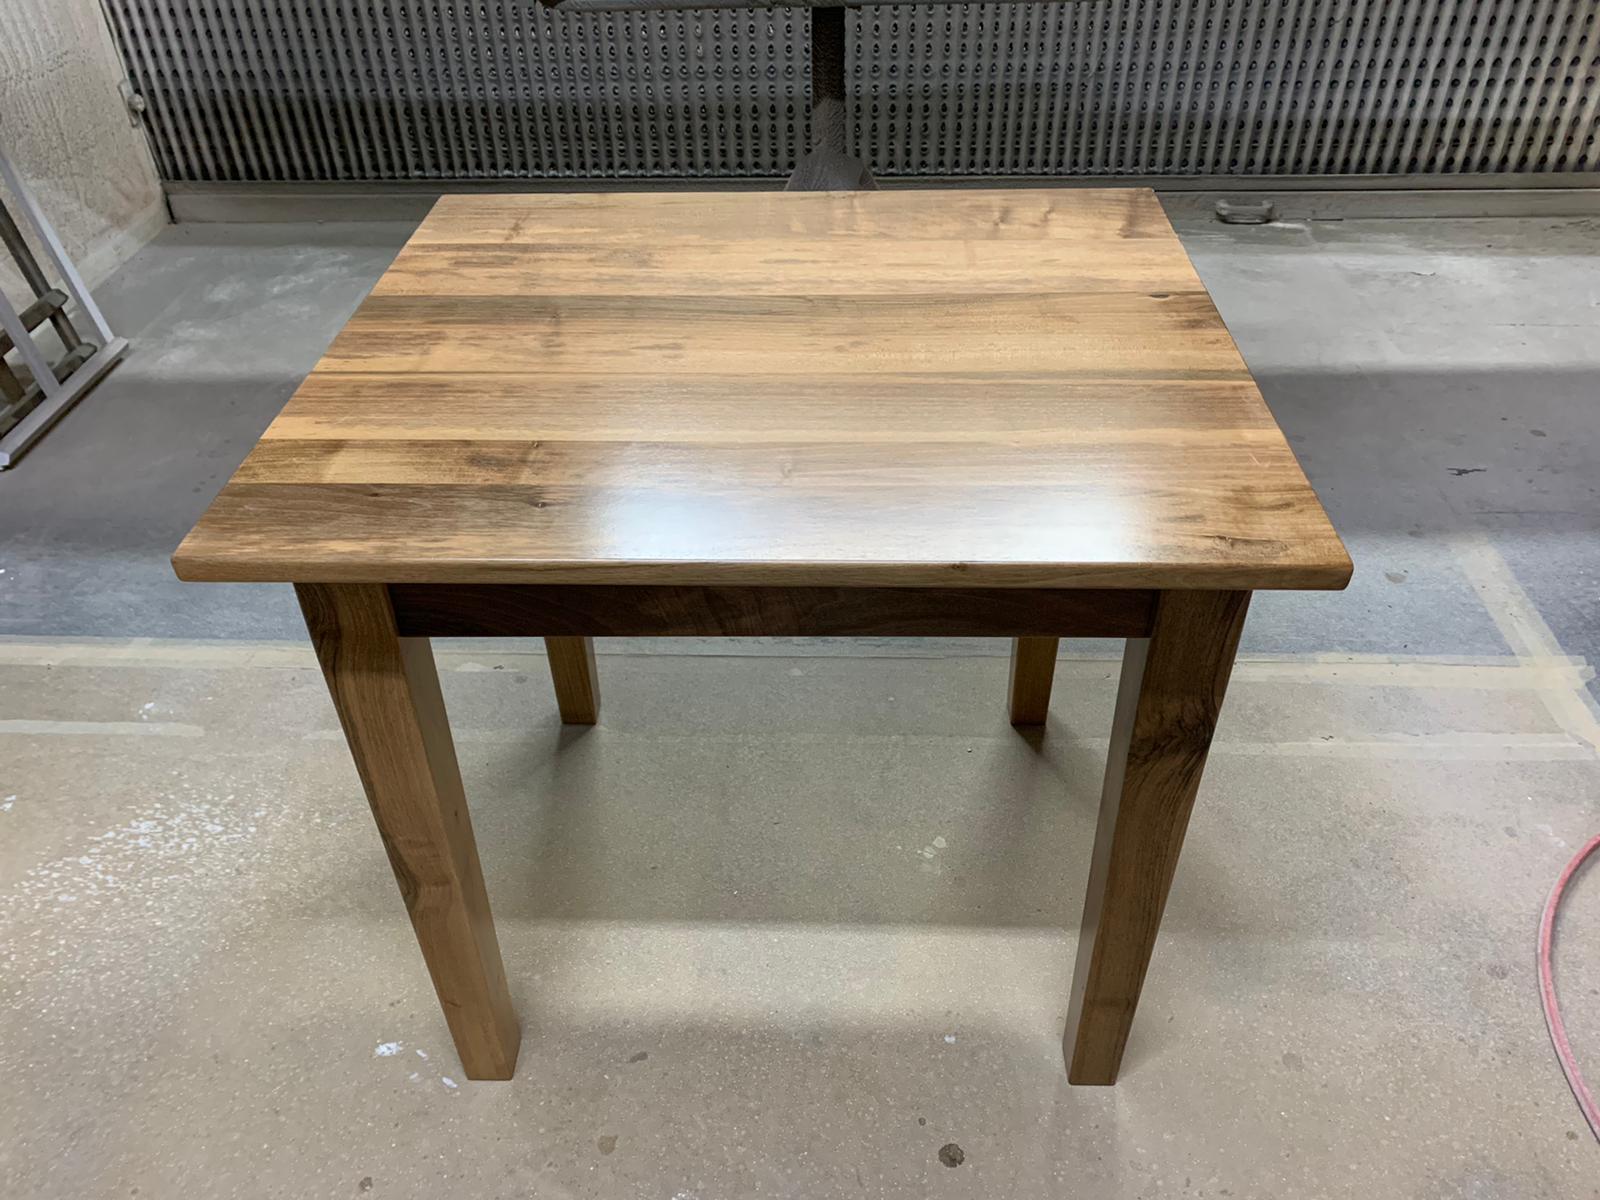 tavoli in legno per agriturismo ESCAPE='HTML'